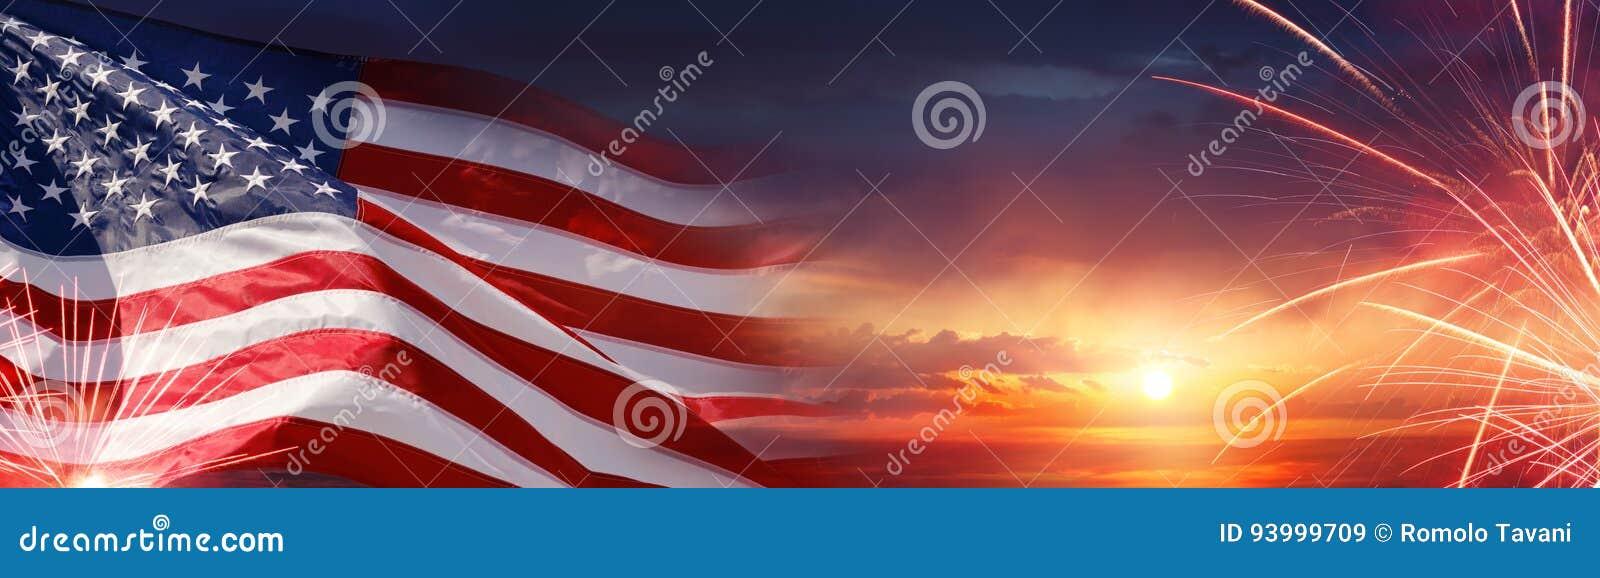 Αμερικανικός εορτασμός - αμερικανικά σημαία και πυροτεχνήματα